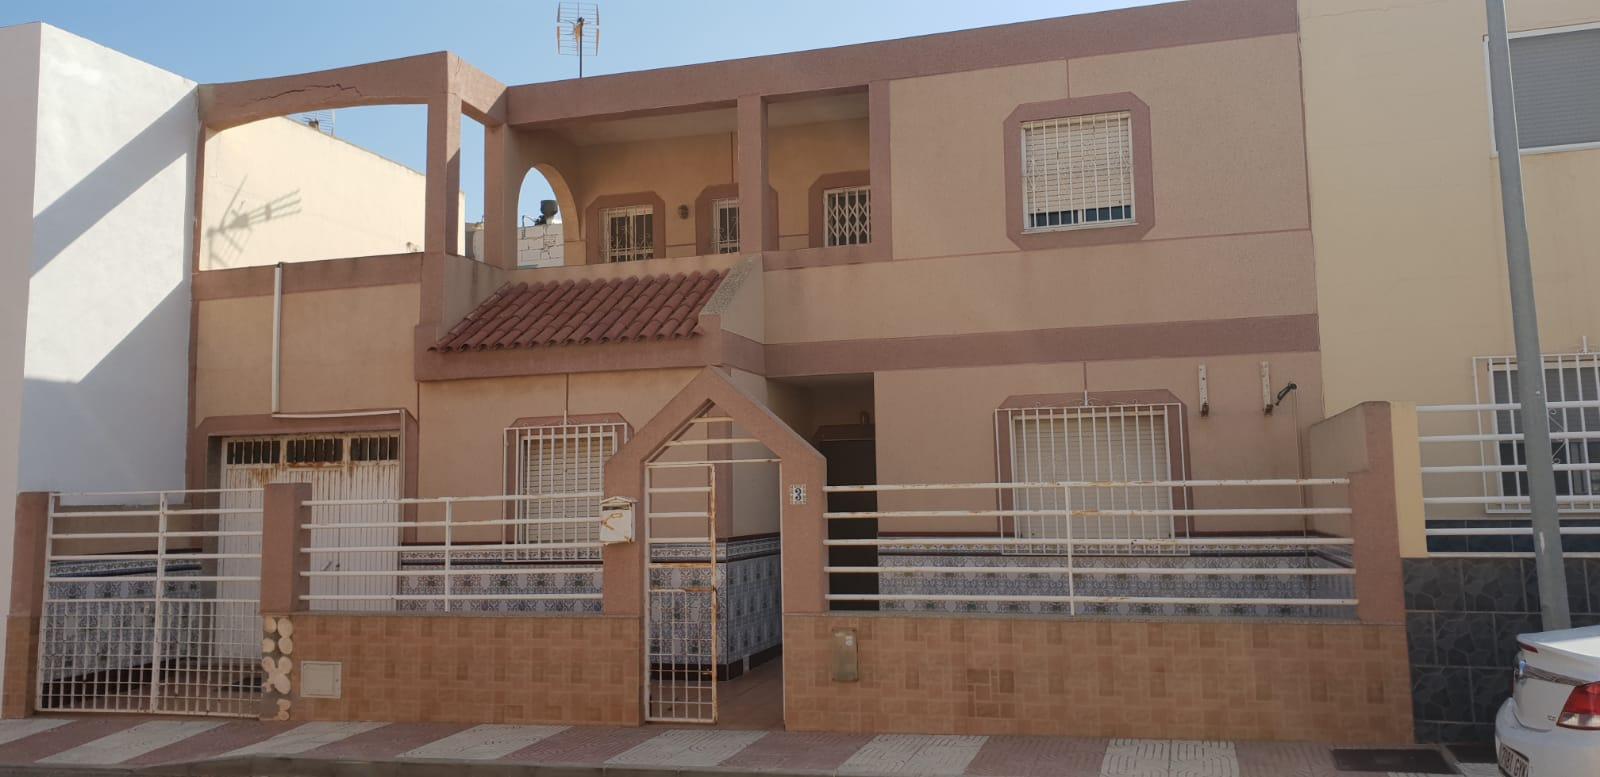 House in Roquetas de Mar